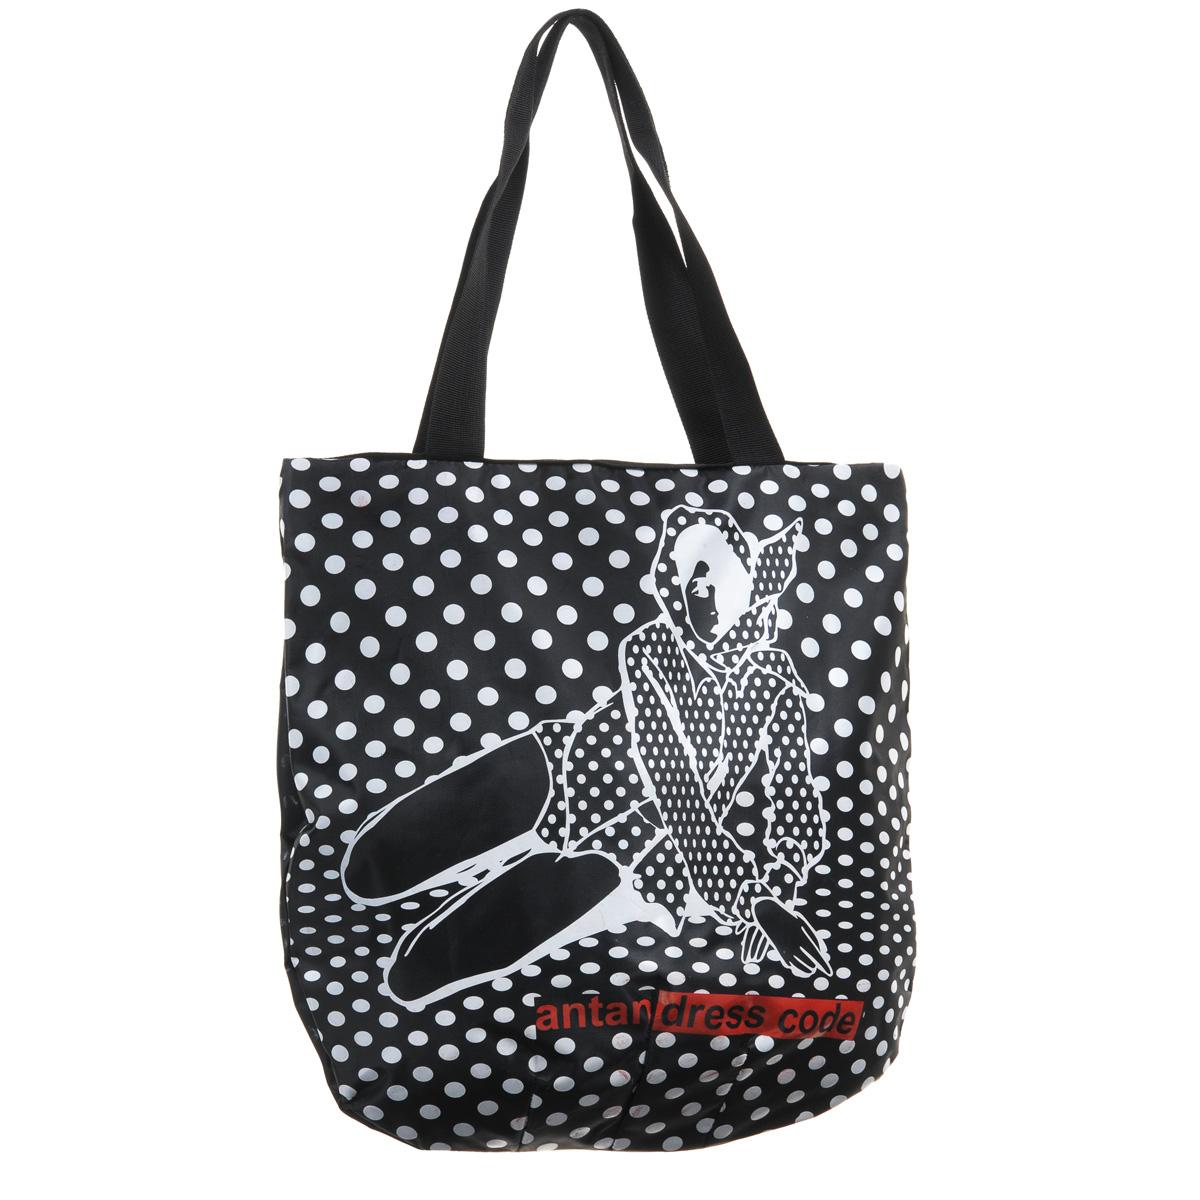 Сумка женская Antan Черно-белое, цвет: черный, белый. 1-1131-113Вместительная женская сумка Antan Черно-белое выполнена из капровинила и оформлена принтом в горох, а также изображением сидящей девушки и надписью. Сумка имеет одно основное отделение, которое закрывается на застежку-молнию. Внутри - вшитый карман на застежке-молнии. Широкие ручки-лямки позволят носить изделие на плече. Такая сумка не только эффектно дополнит образ, но и позволит вам оптимально распределить все необходимые вещи. С ней вы спокойно можете отправляться как на прогулку, так и в дальнюю поездку.